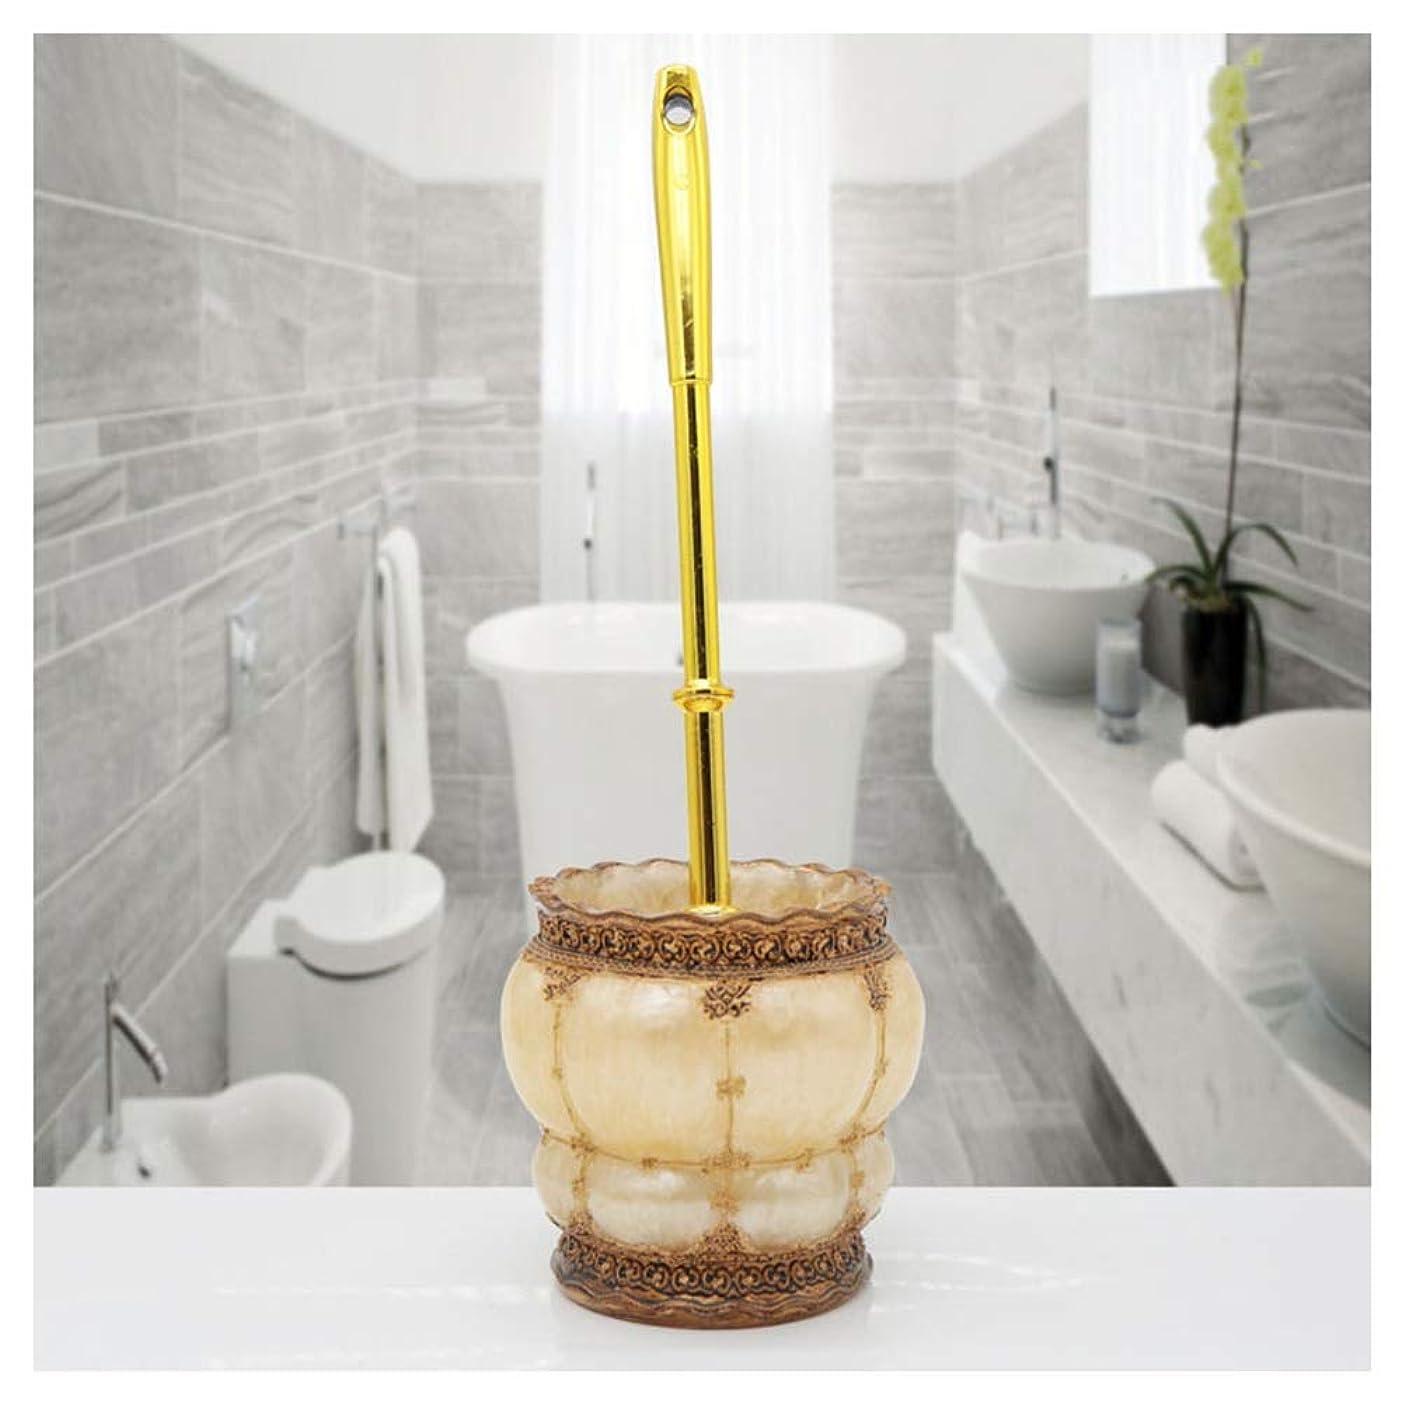 受賞ガロンバラエティYLGROUP トイレブラシホルダートイレブラシ樹脂フリースタンディング用浴室トイレ、高級浴室付属品トイレスクラバーセット -01256 (色 : ゴールド)